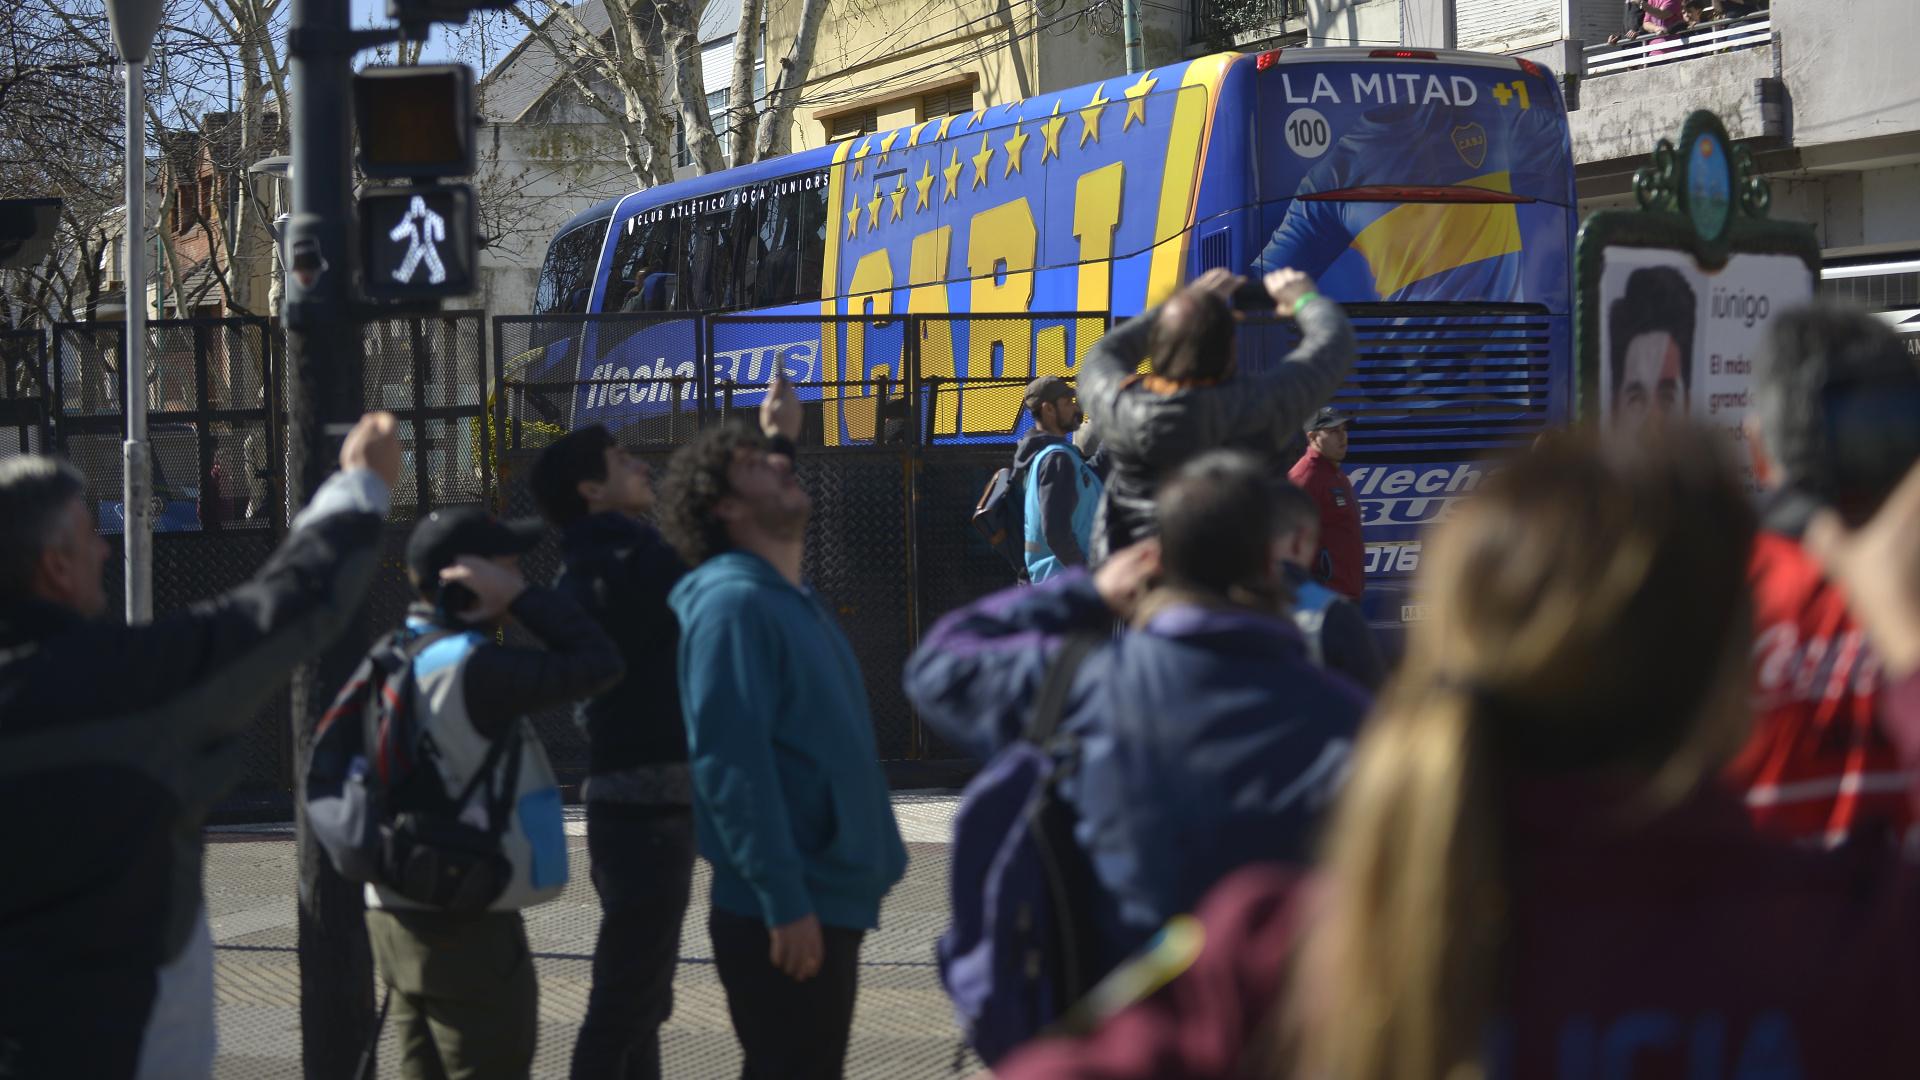 El micro de Boca pudo llegar sin inconvenientes al estadio gracias a un gran operativo